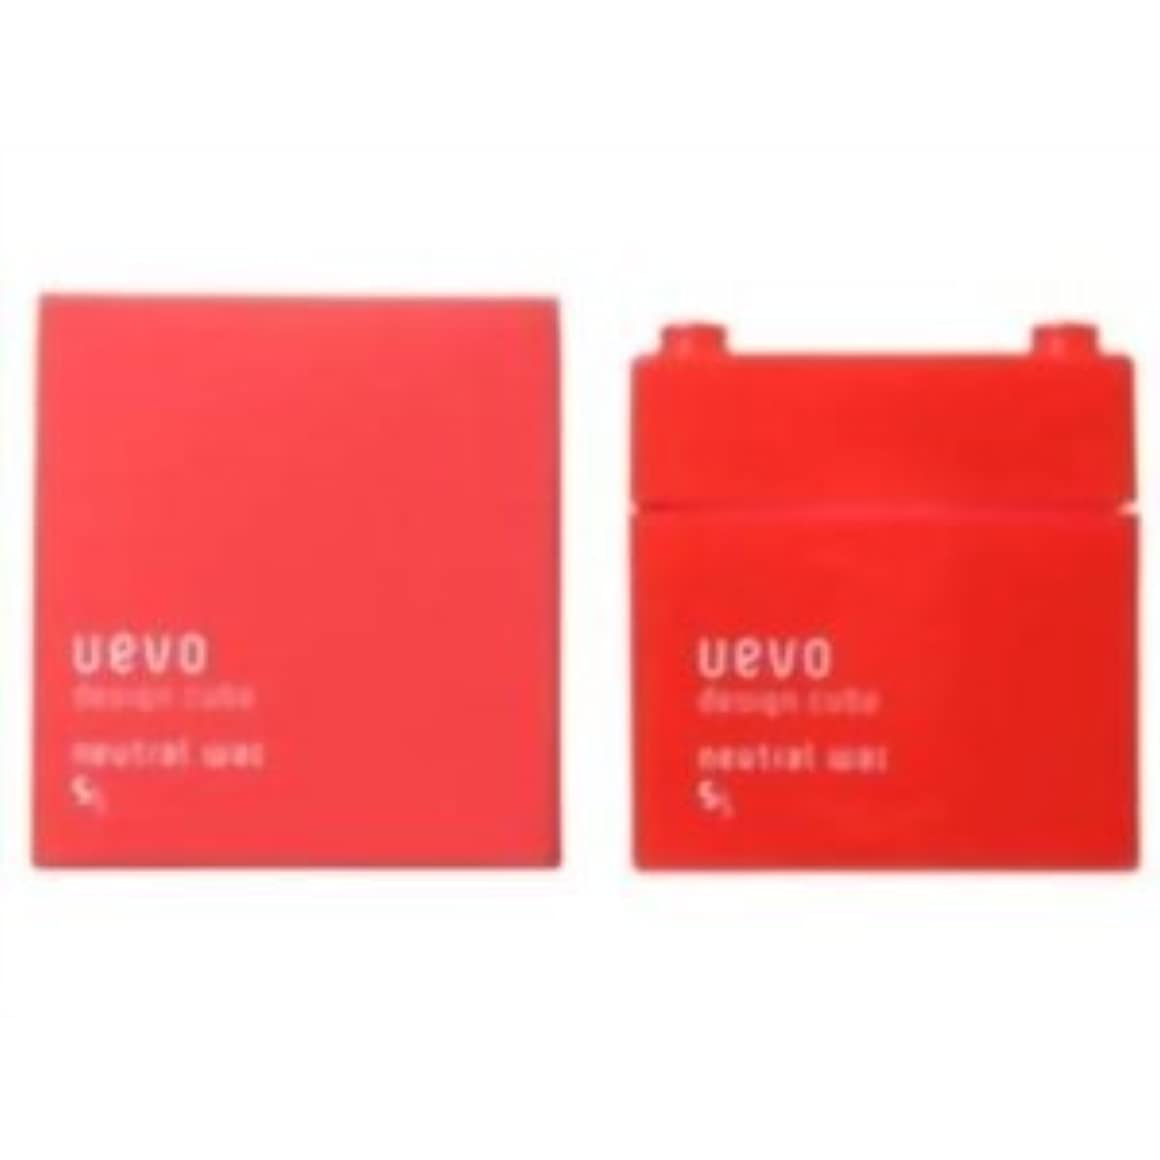 報復するだらしない衝撃【X2個セット】 デミ ウェーボ デザインキューブ ニュートラルワックス 80g neutral wax DEMI uevo design cube